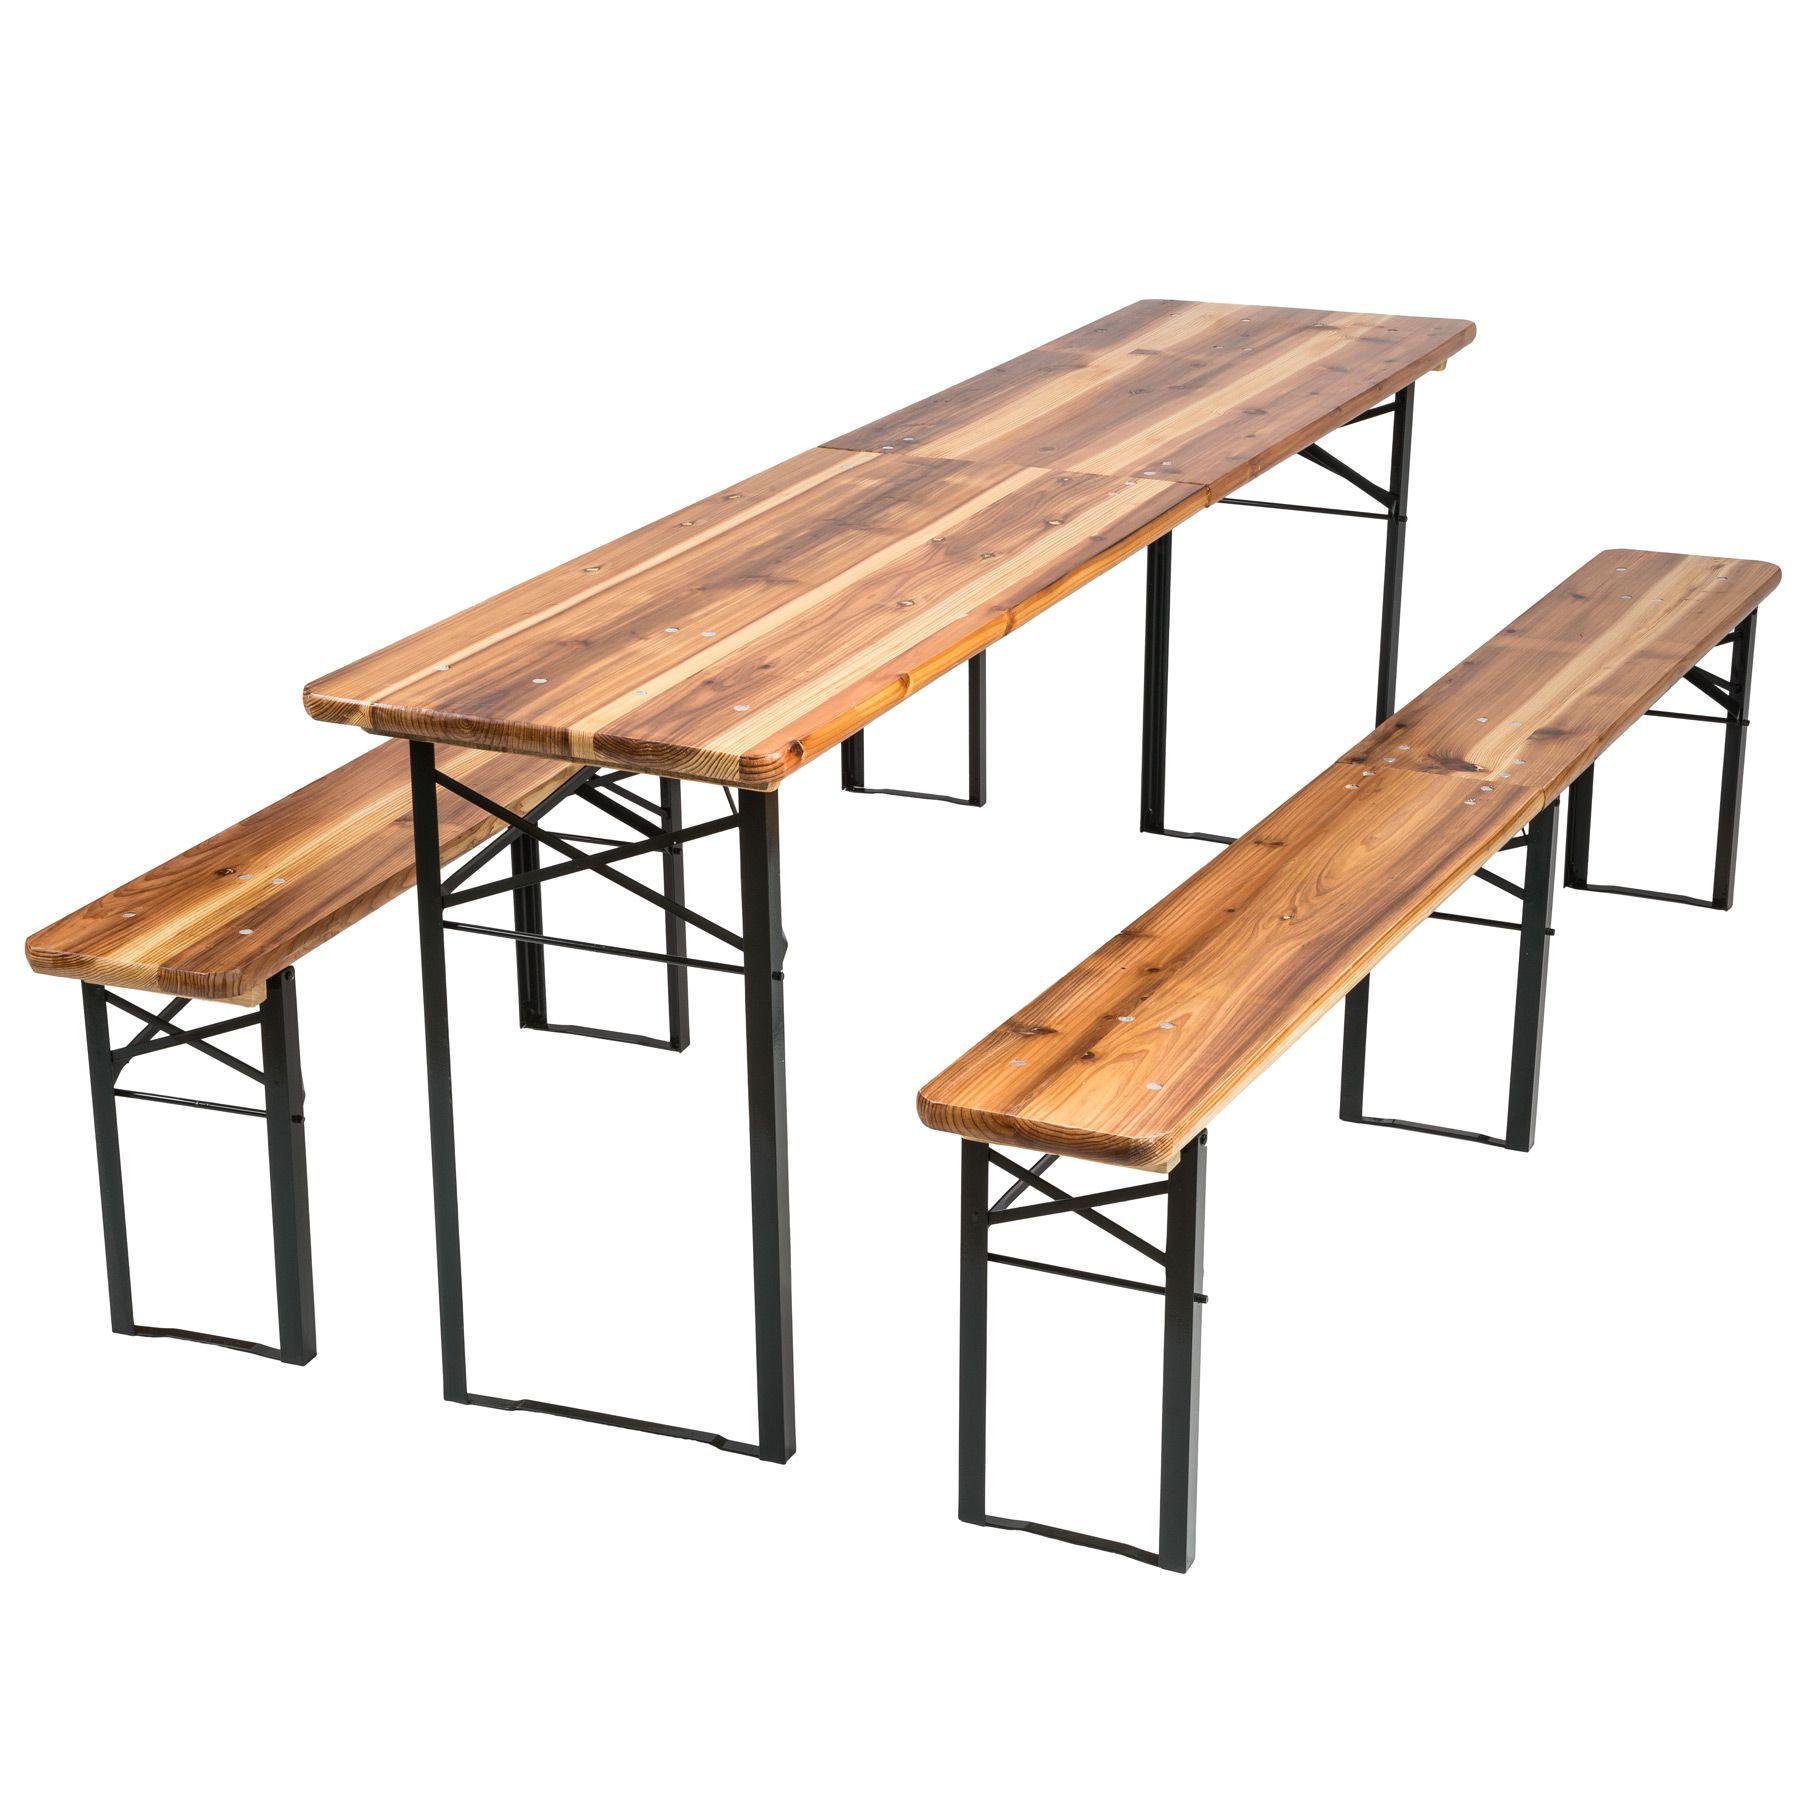 Tavoli E Panche Da Birreria Usati.Birreria Tavolo E Panche Richiudibile Tavolo Giardino In Legno 219